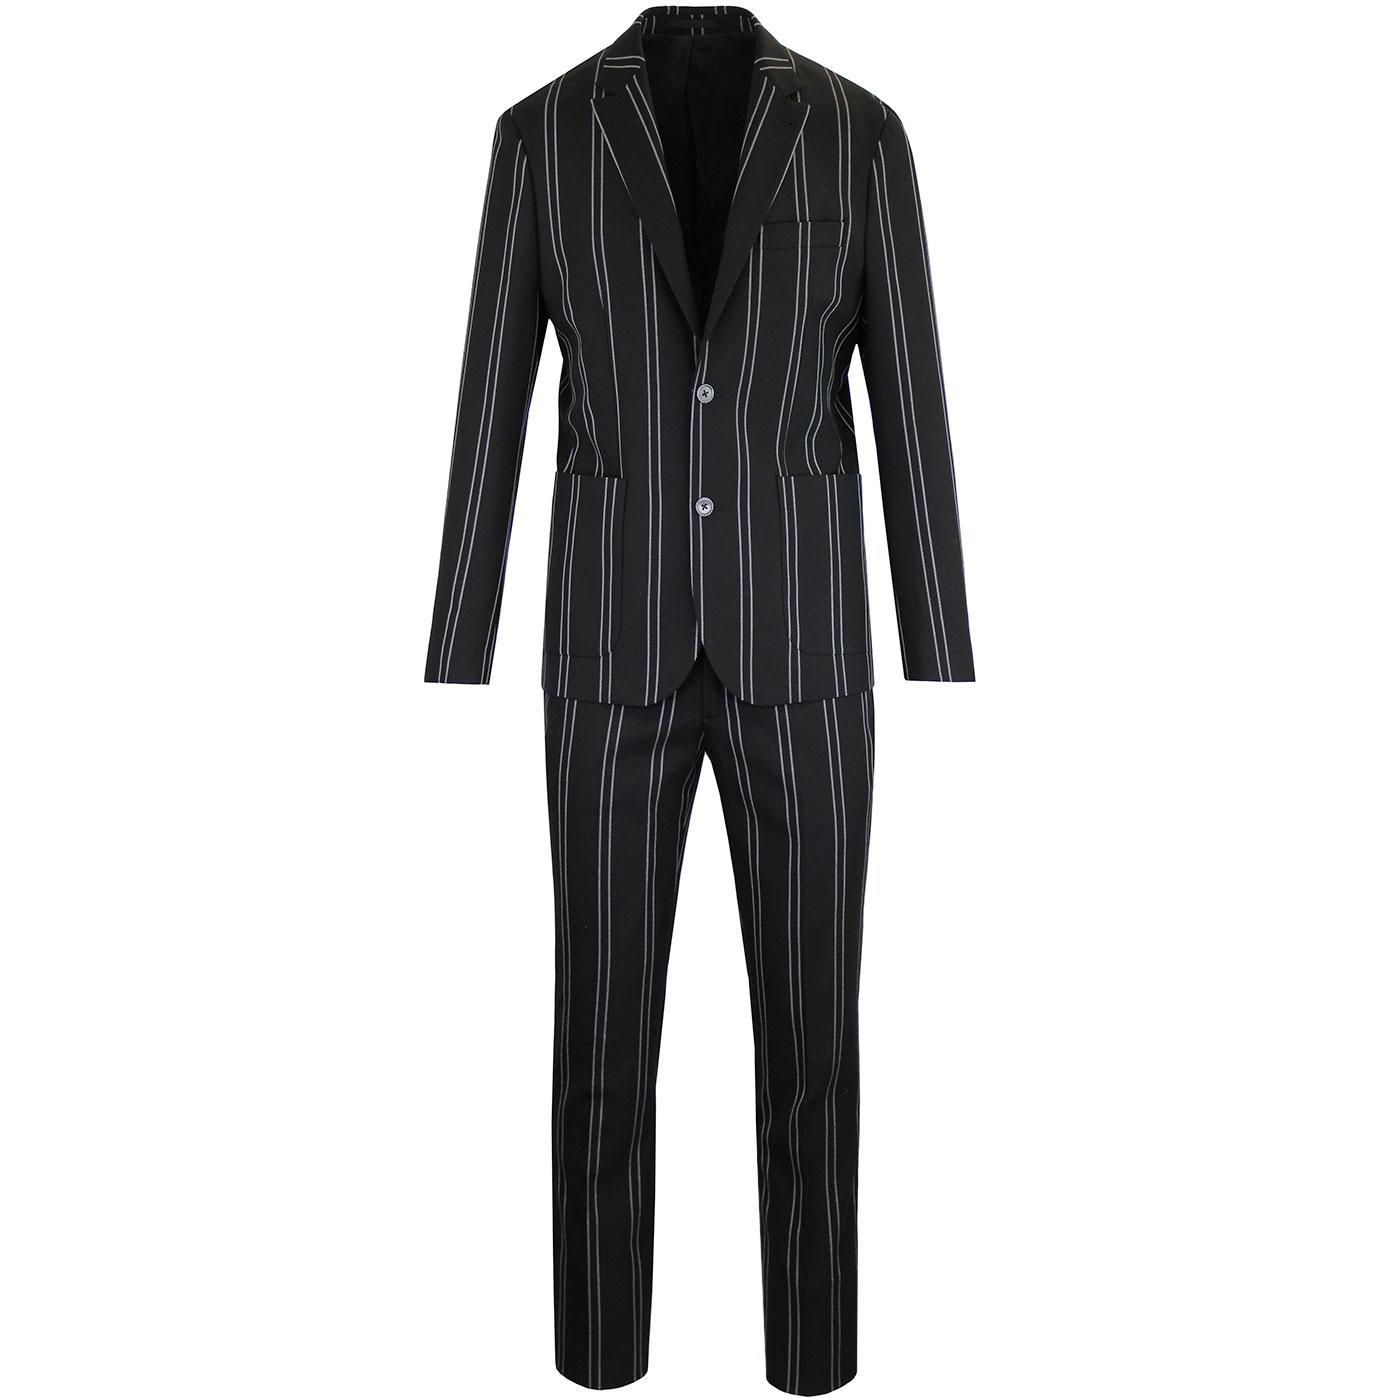 PRETTY GREEN Black Label Pin Stripe Mod Suit